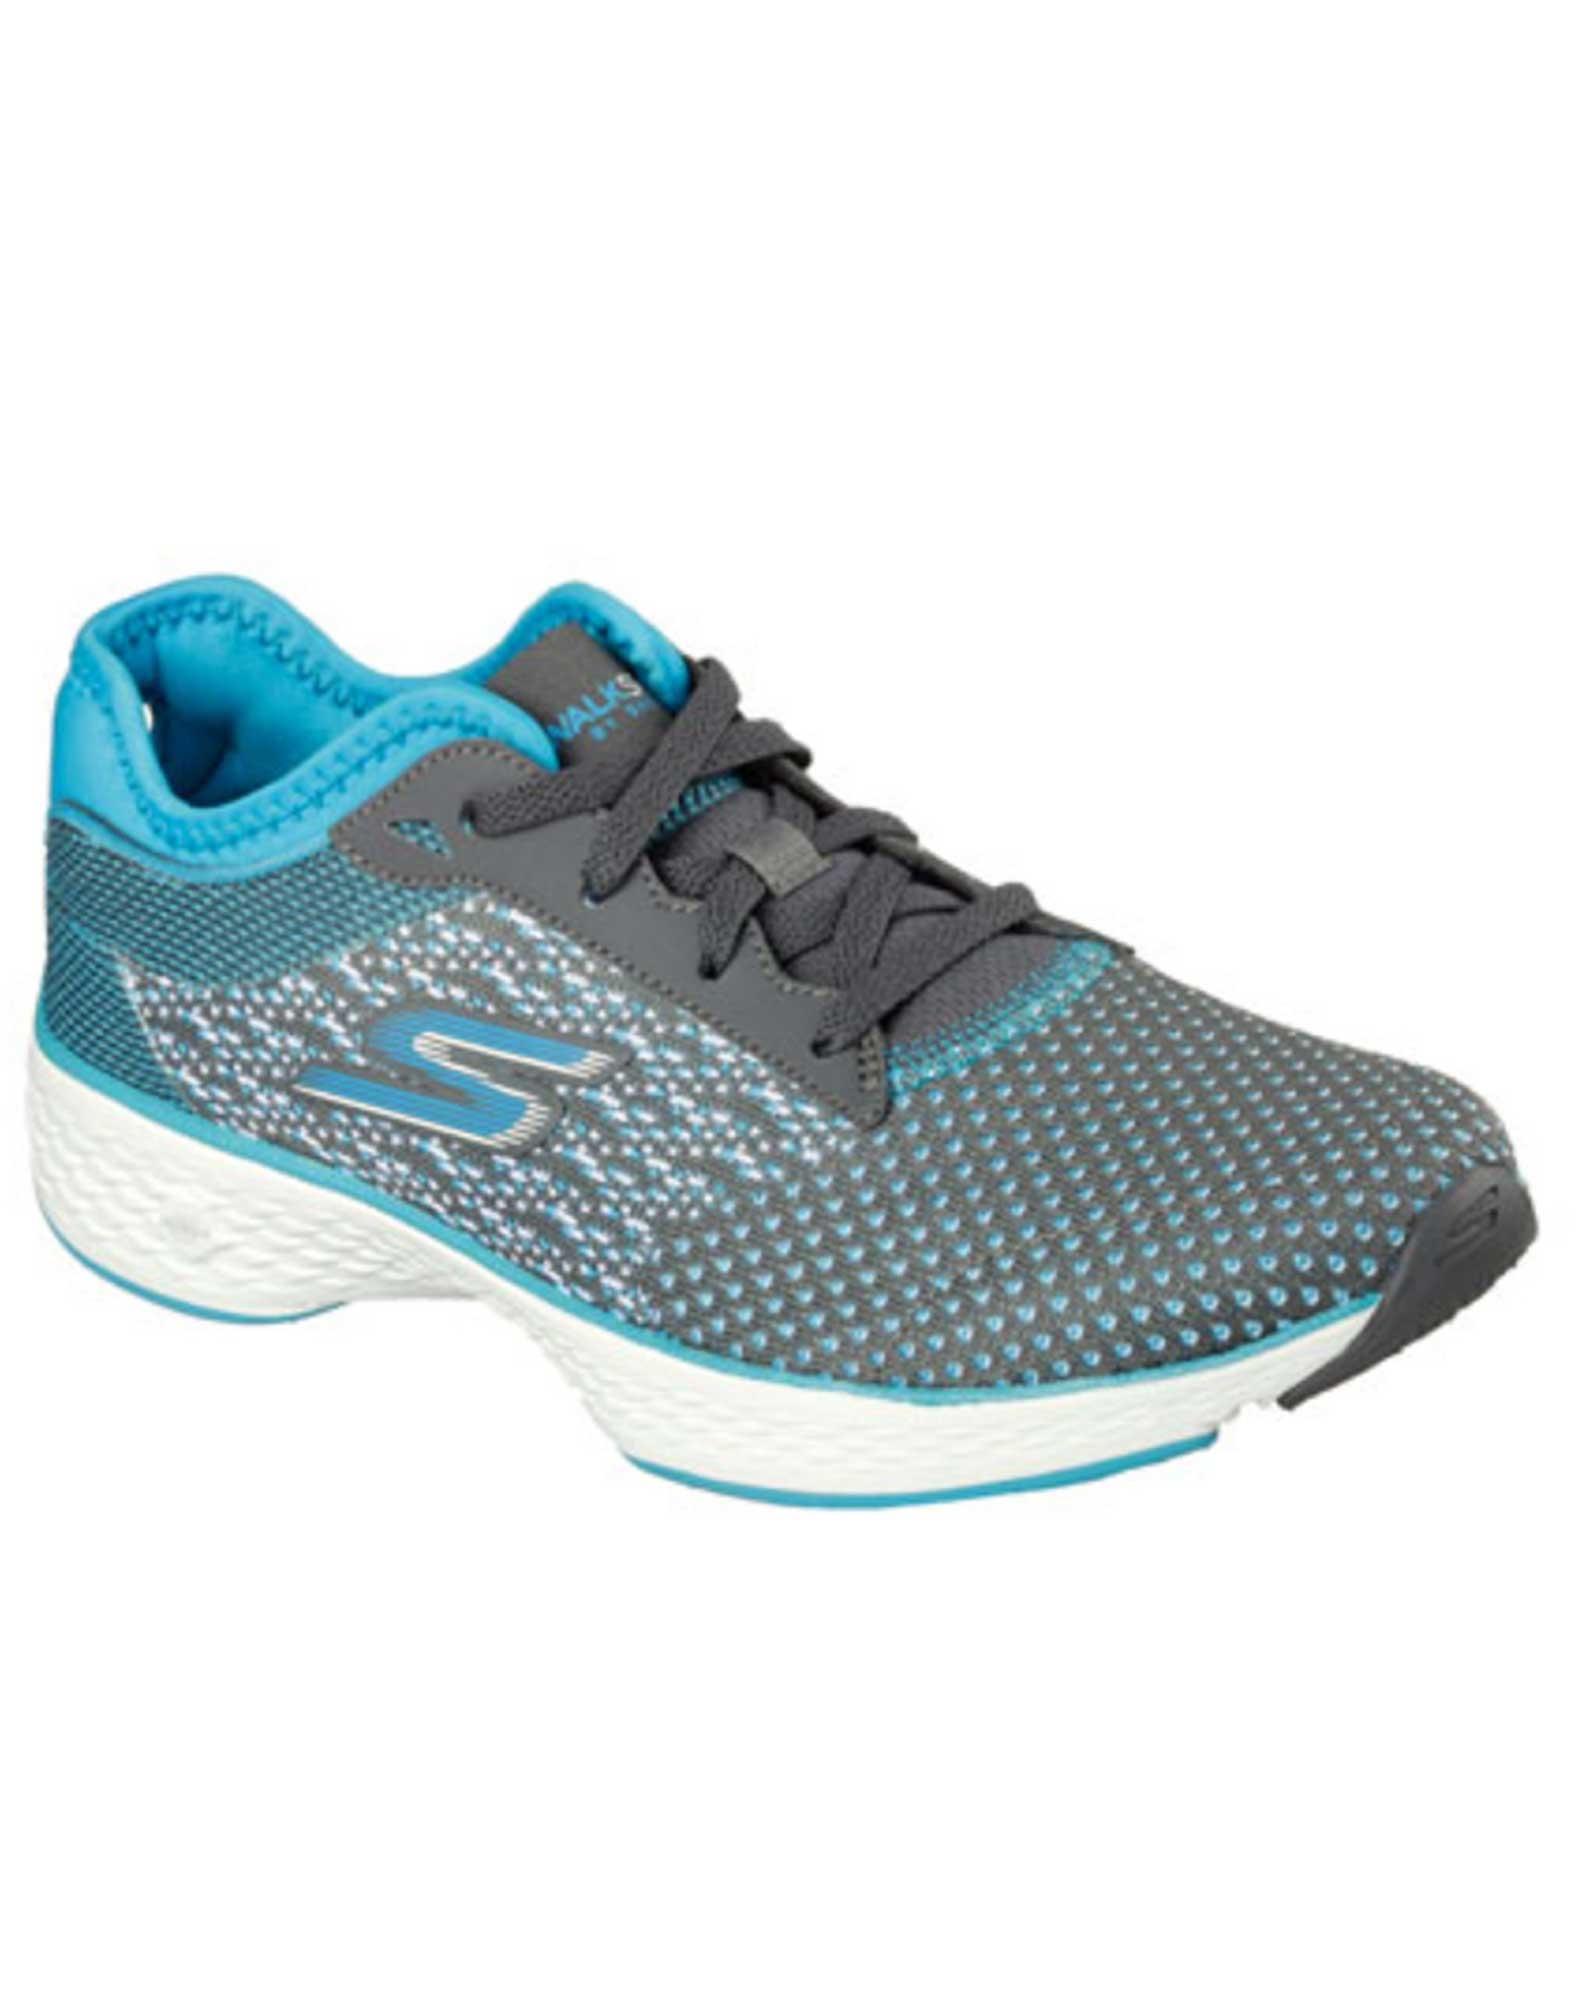 3a3dceebcf5 Køb Skechers Go Walk sneakers grå dame online